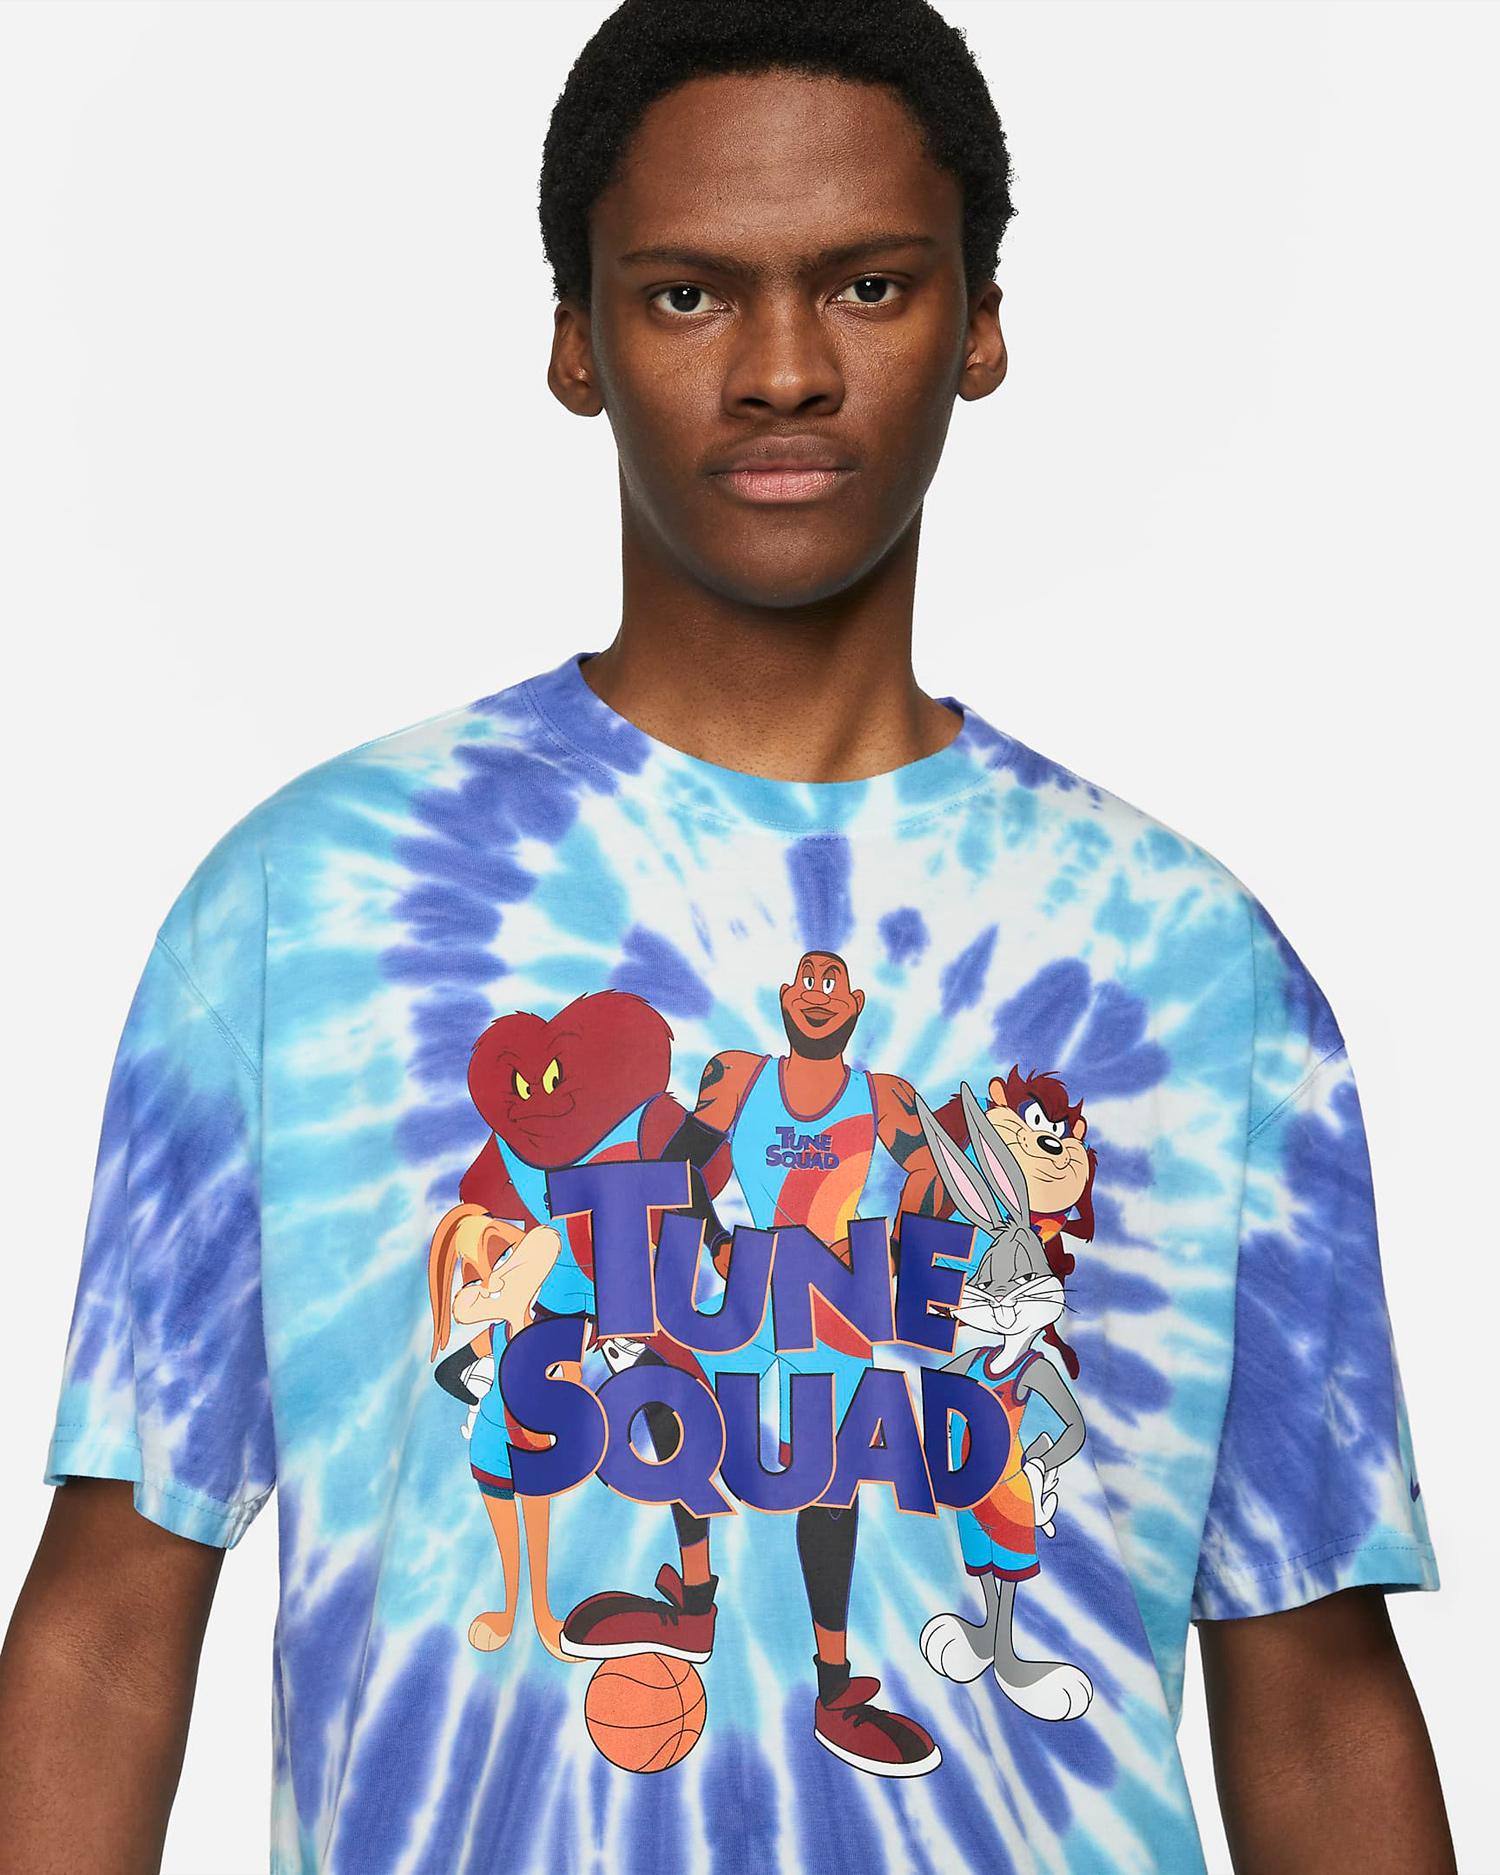 nike-lebron-space-jam-a-new-legacy-tie-dye-shirt-3